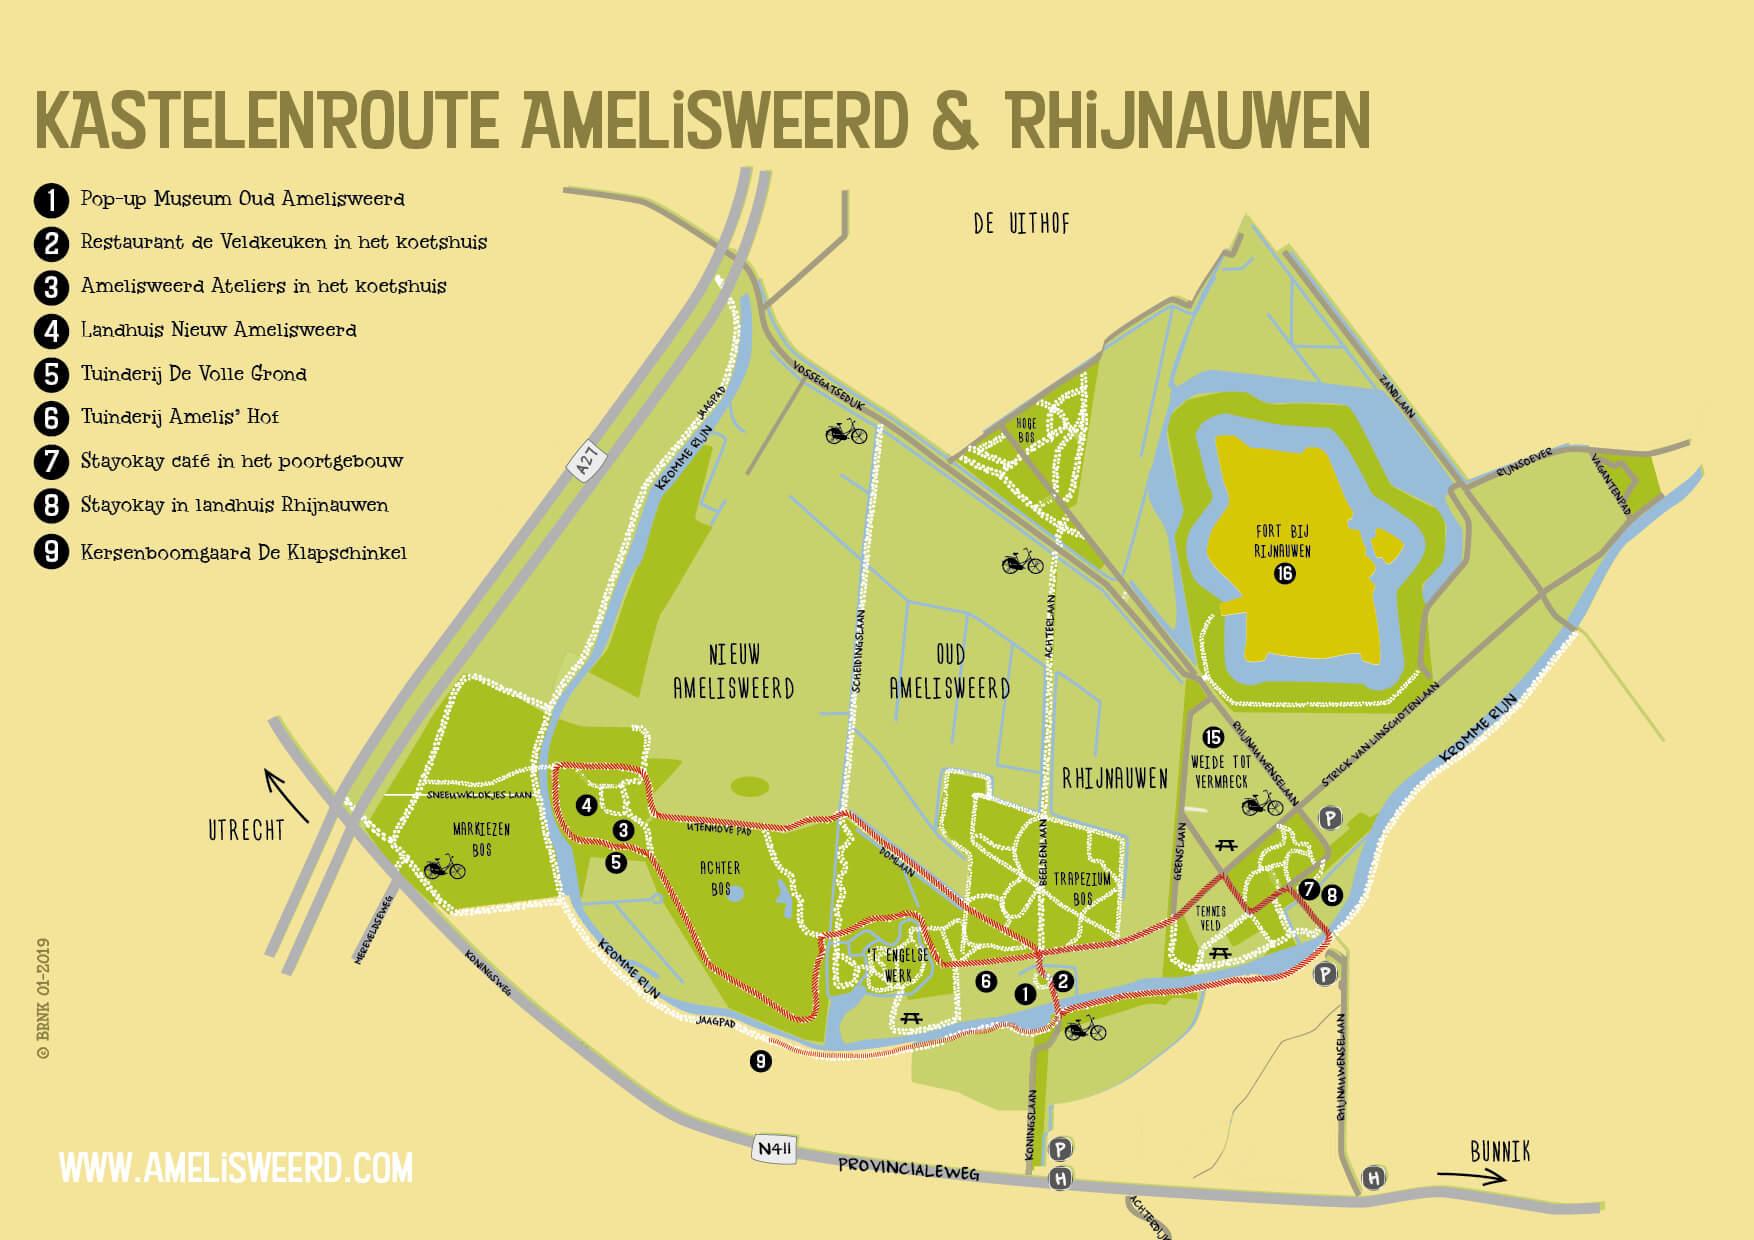 Ameliweerd Agenda flyer plattegrond 2019 kastelenroute front